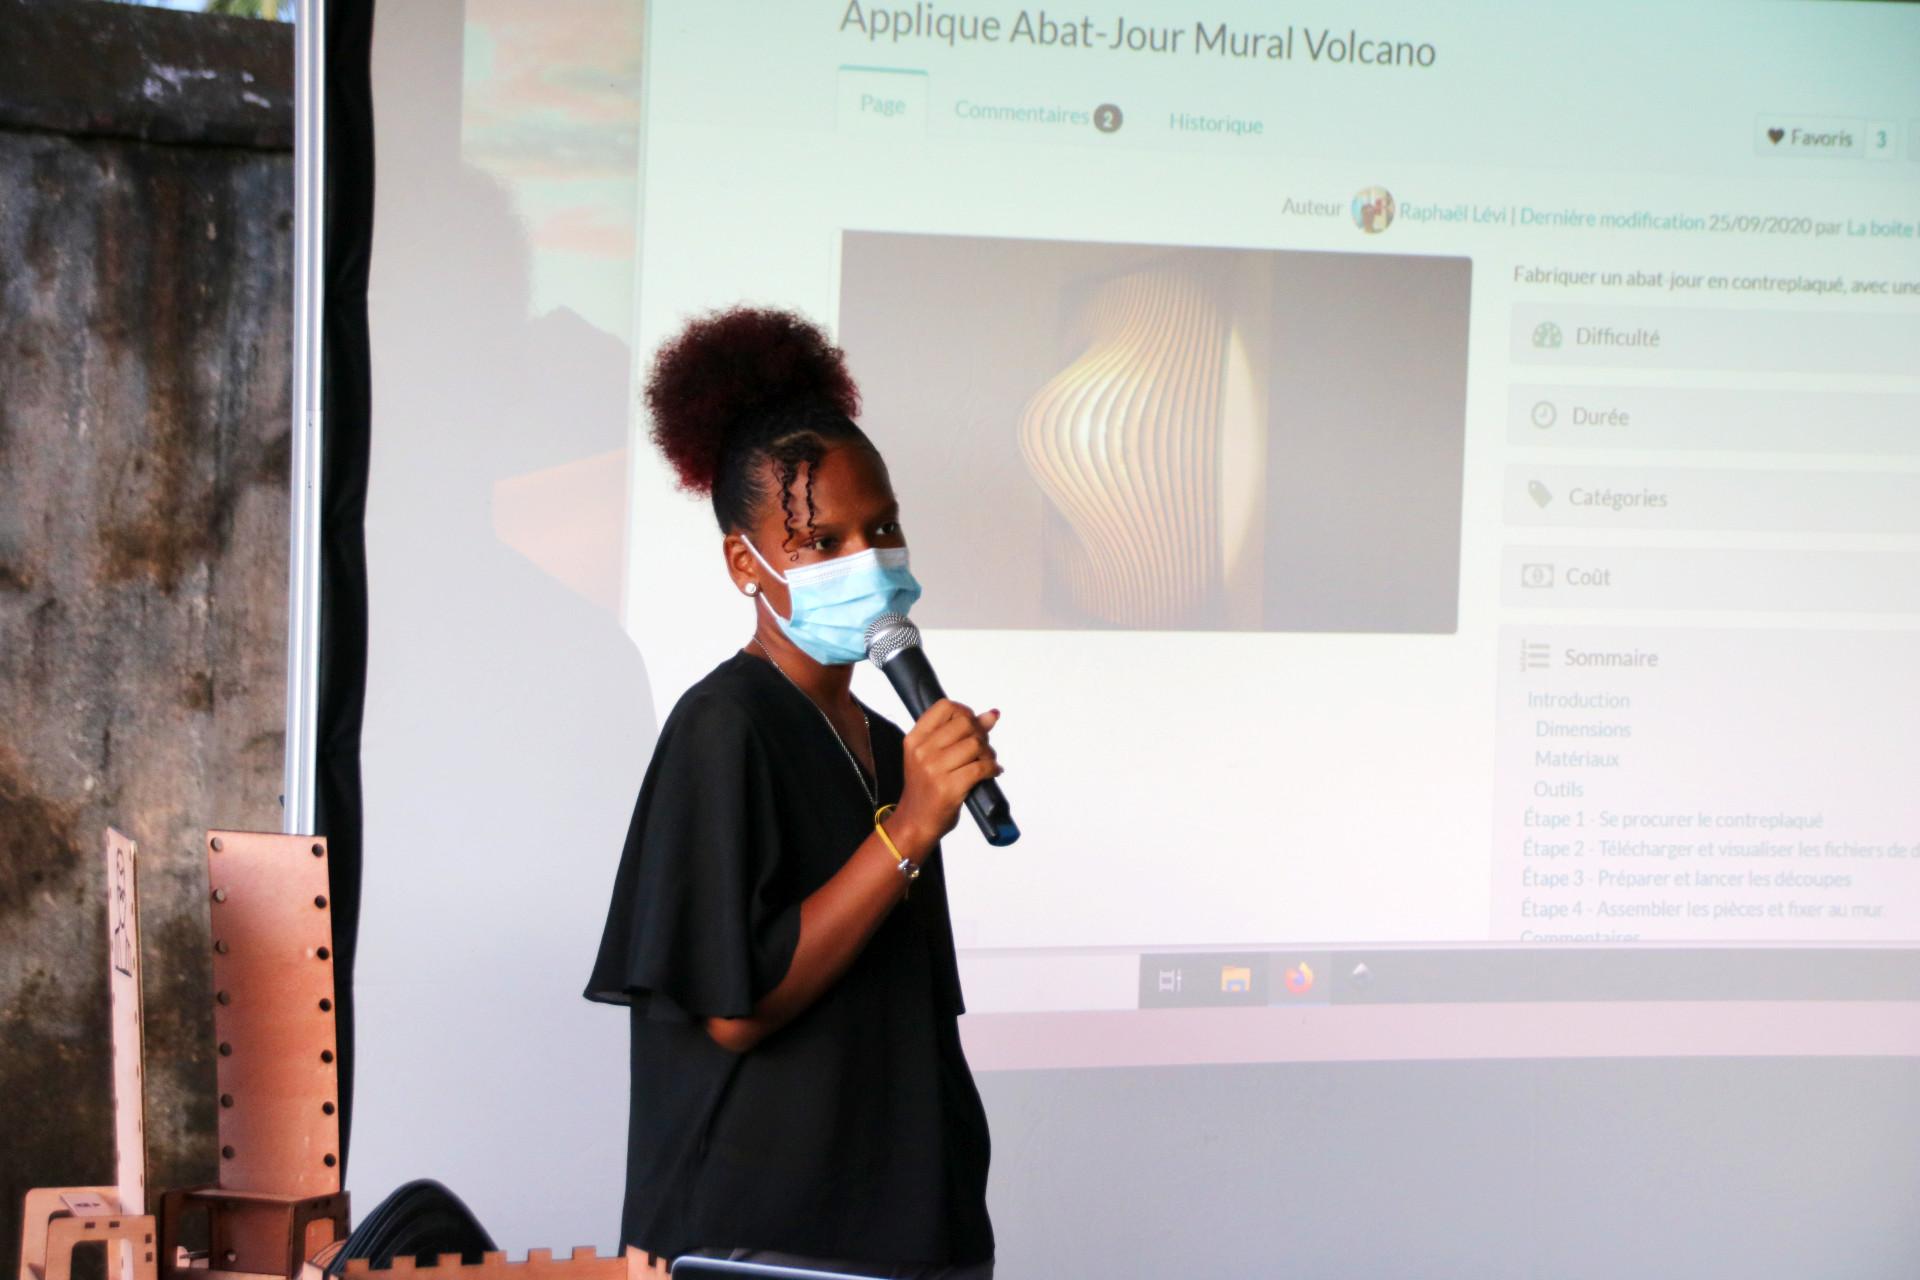 #Partenariat : La mairie de Saint-Laurent du Maroni soutient la formation numérique de Manifact